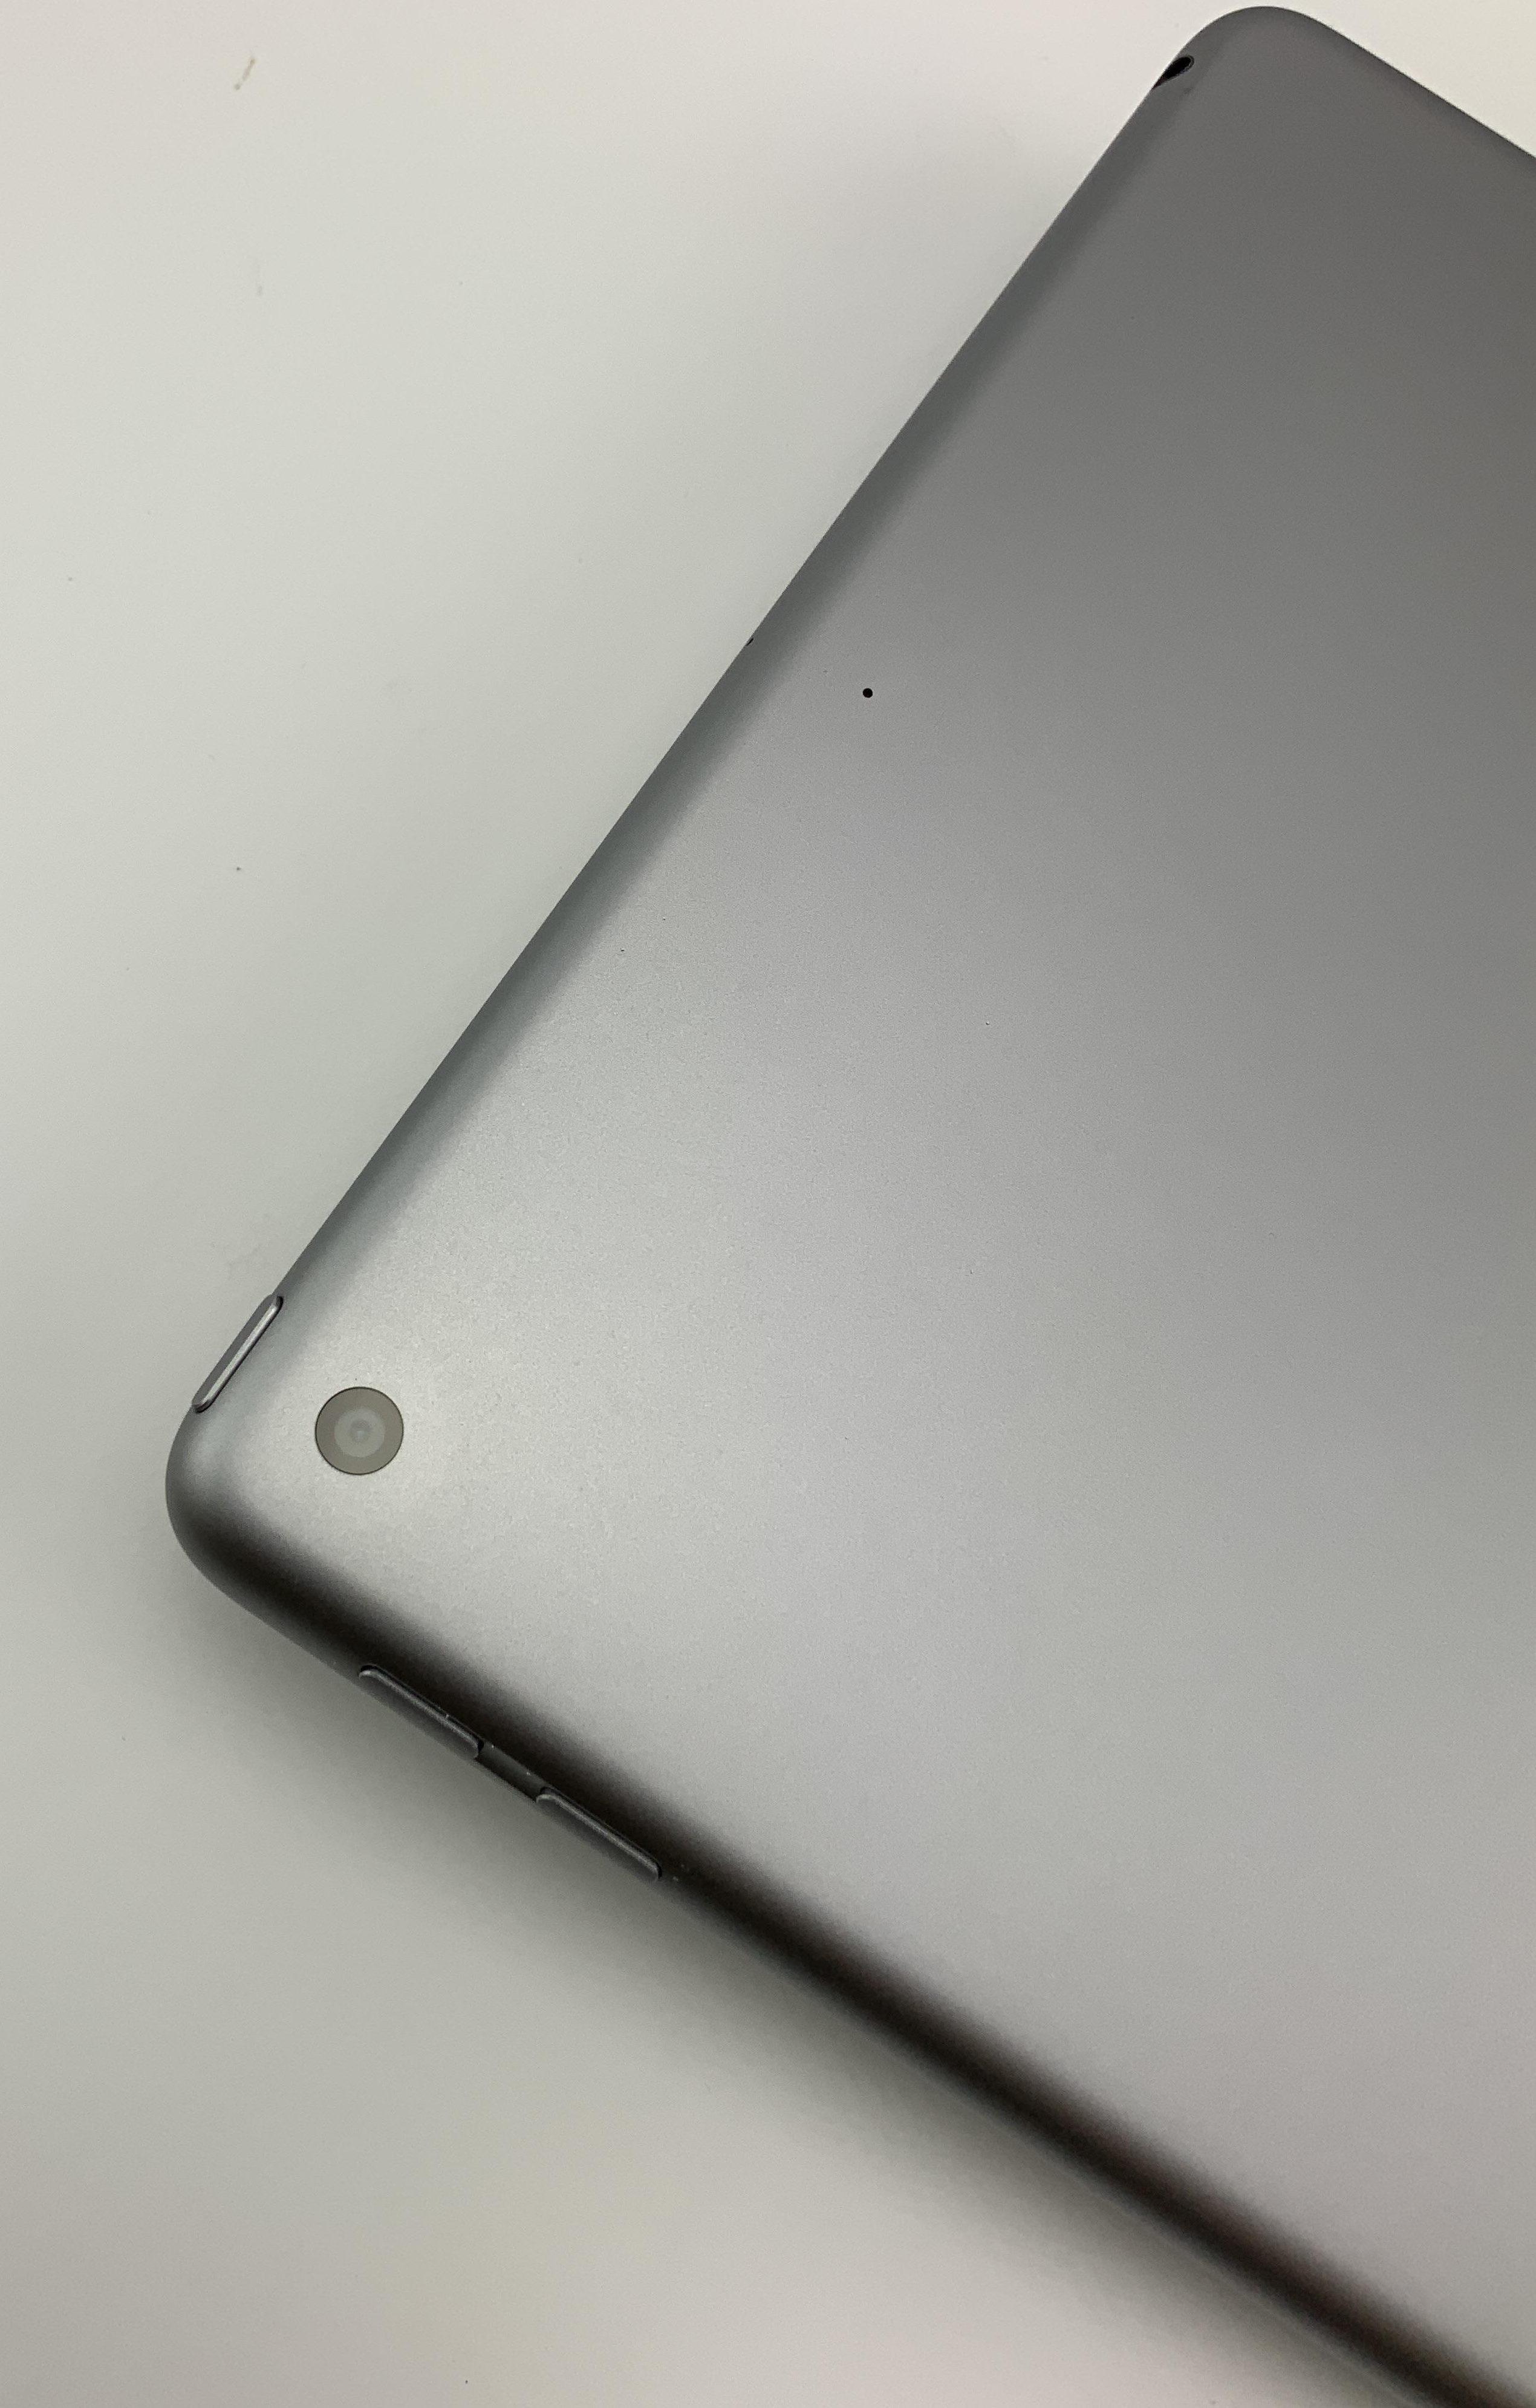 iPad 6 Wi-Fi 128GB, 128GB, Space Gray, imagen 3